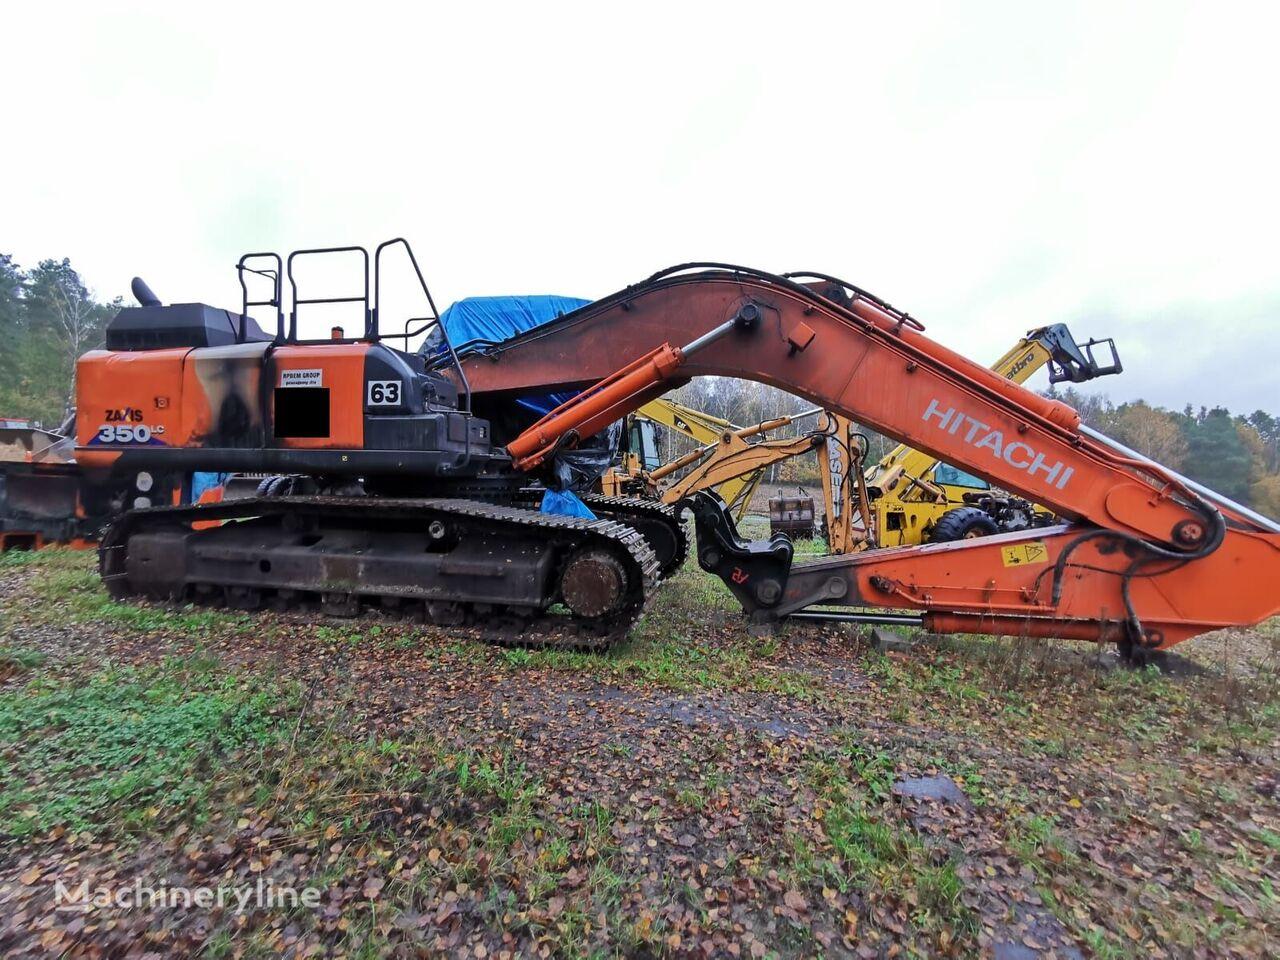 HITACHI ZX 350 LC-6 tracked excavator